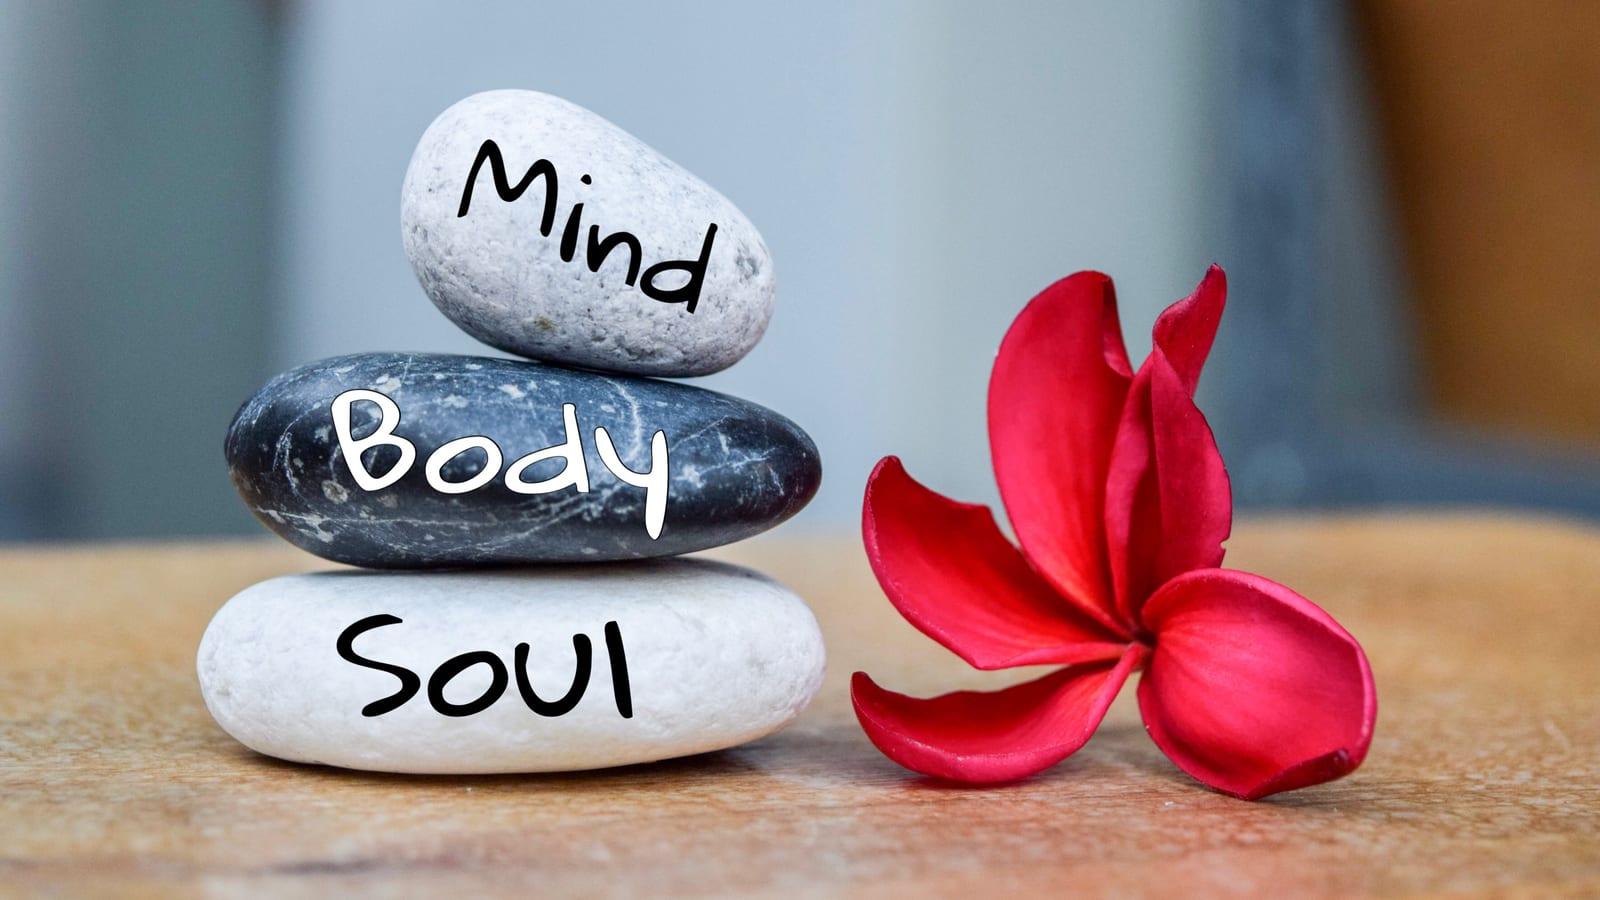 Rocks reading Mind, Body, Soul